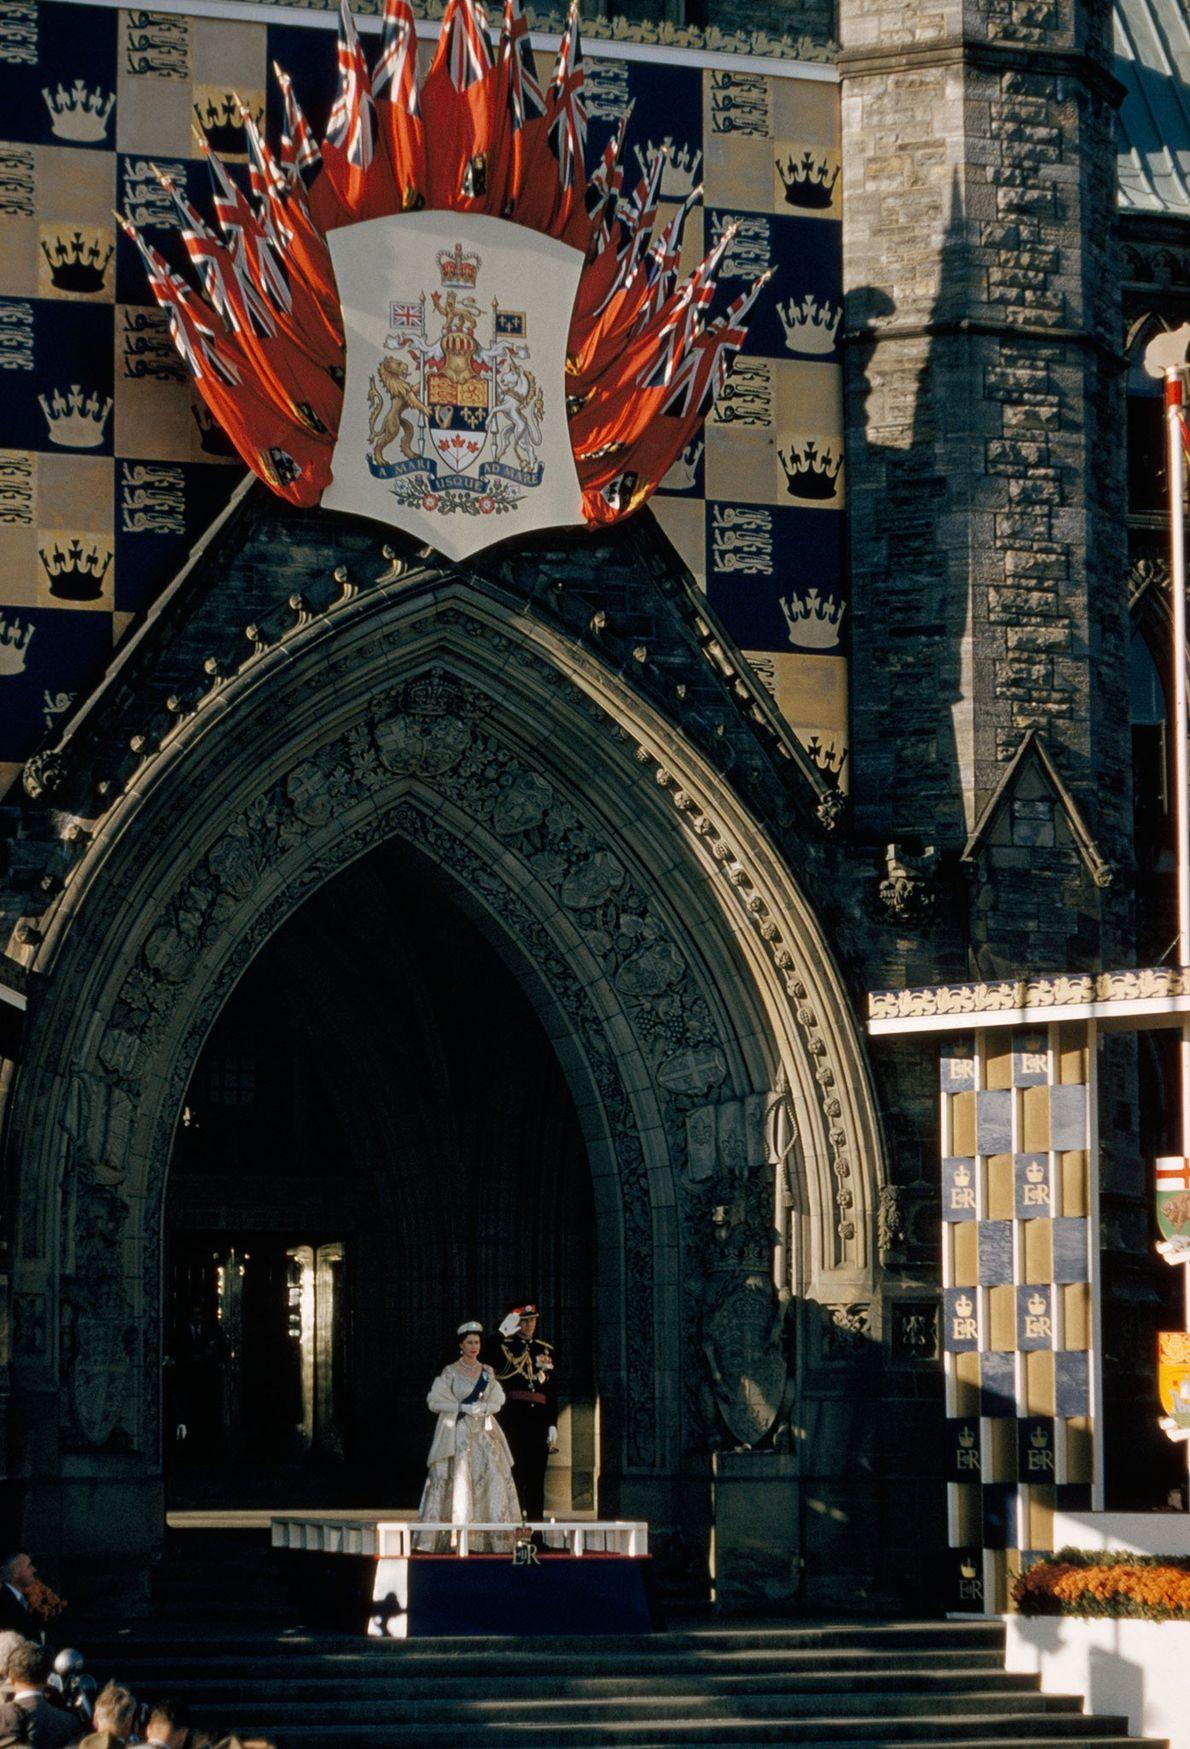 La reina tiene un cariño especial por Canadá, que, a diferencia de Australia, no ha demostrado ...